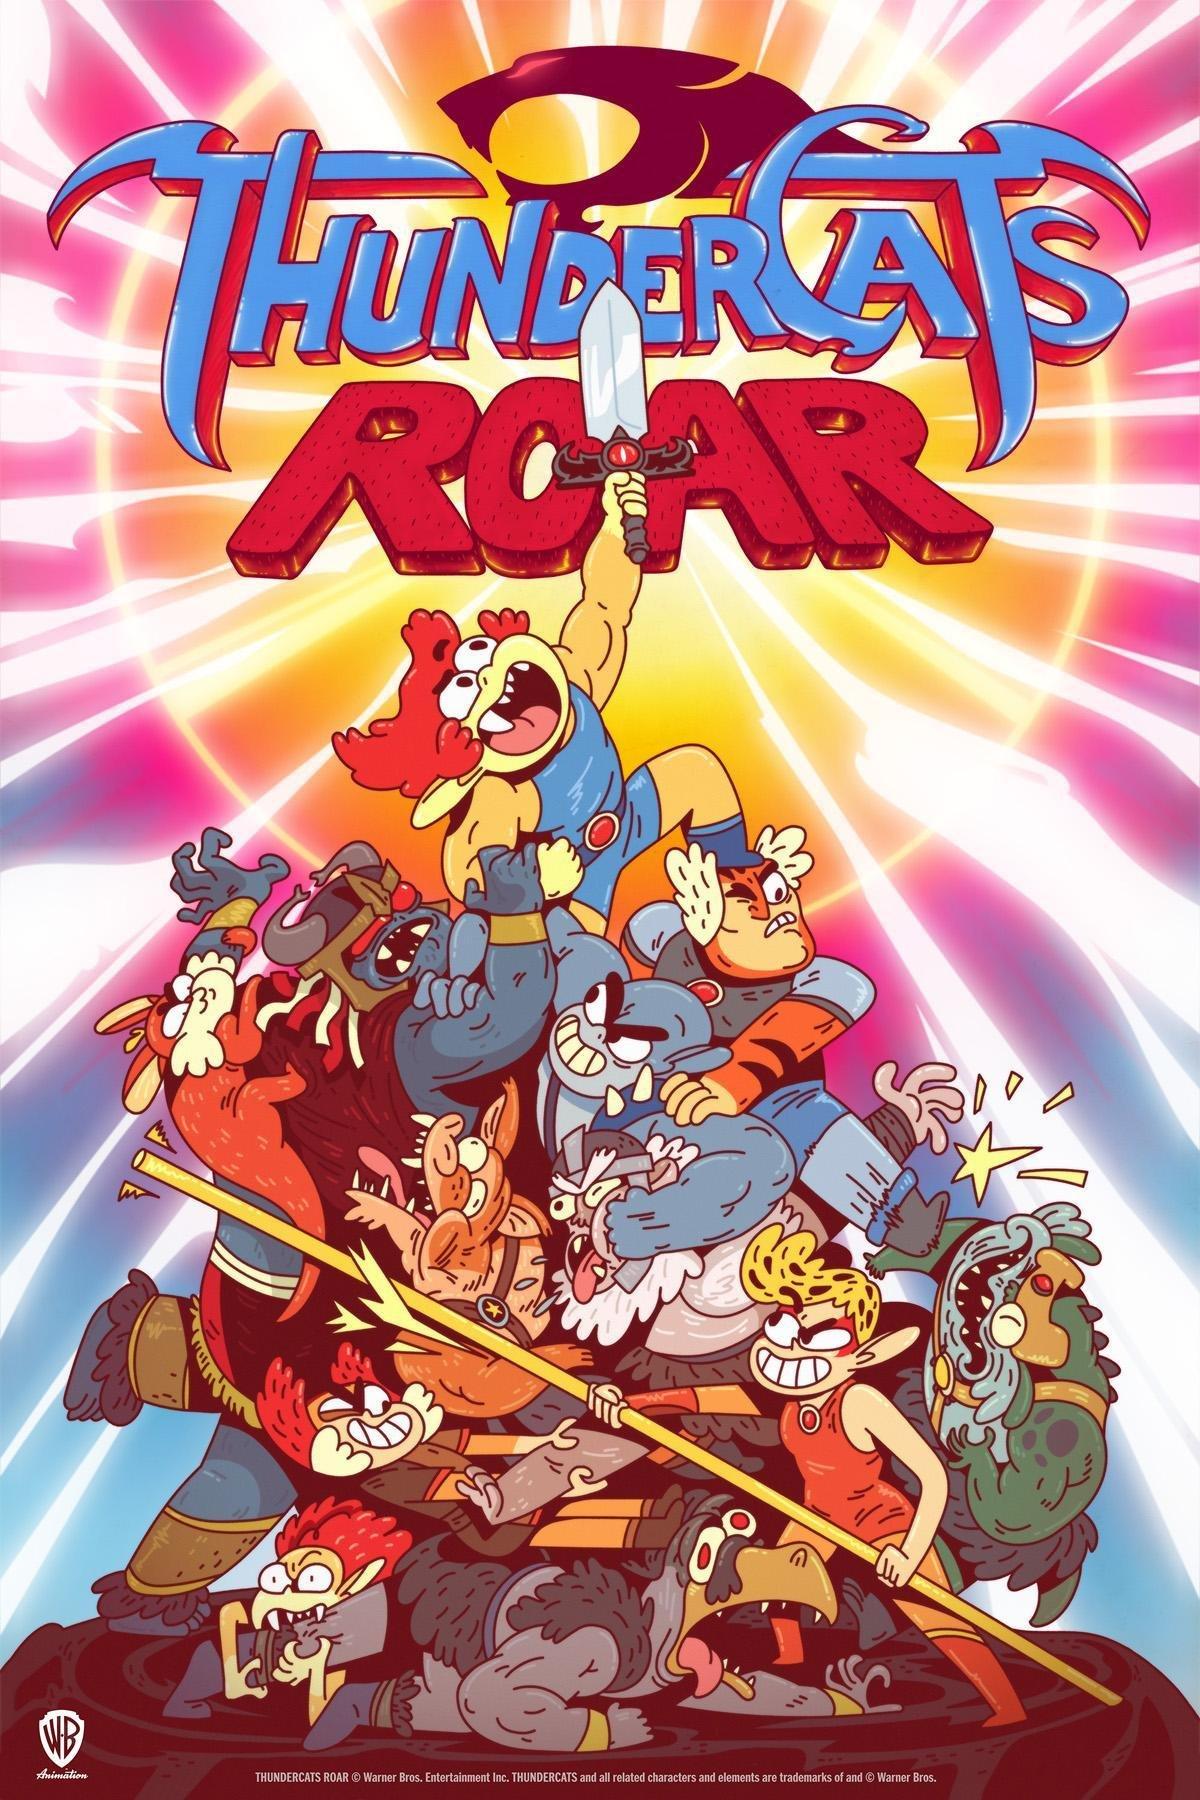 Carlitos454/Propuesta de doblaje: Thundercats Roar